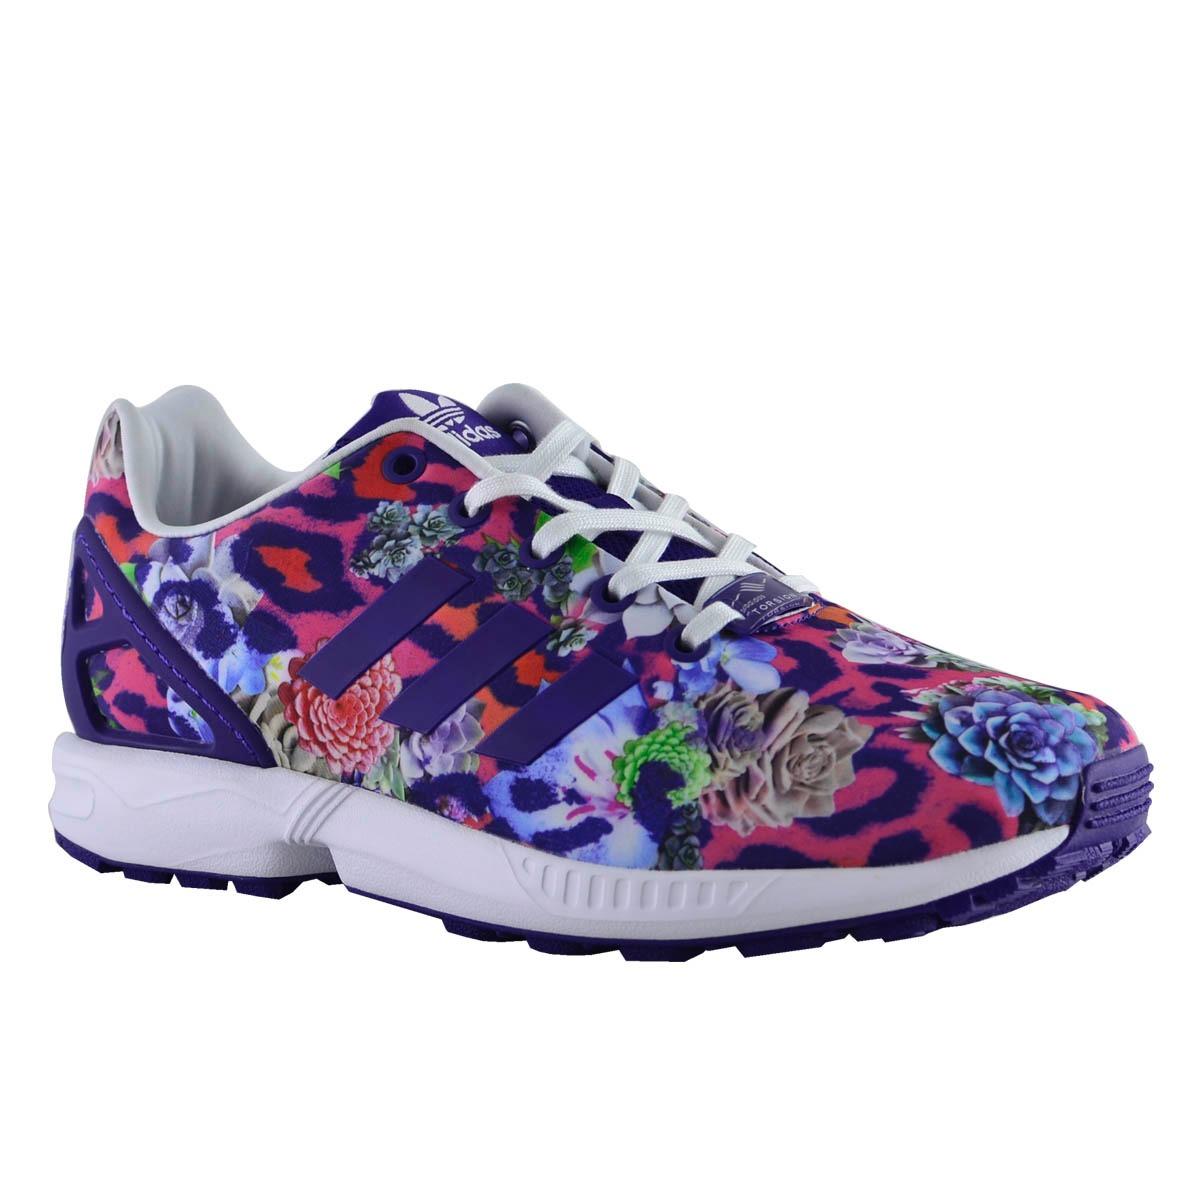 461743788f4ea zapatillas adidas originals zx flux niños flower. Cargando zoom.